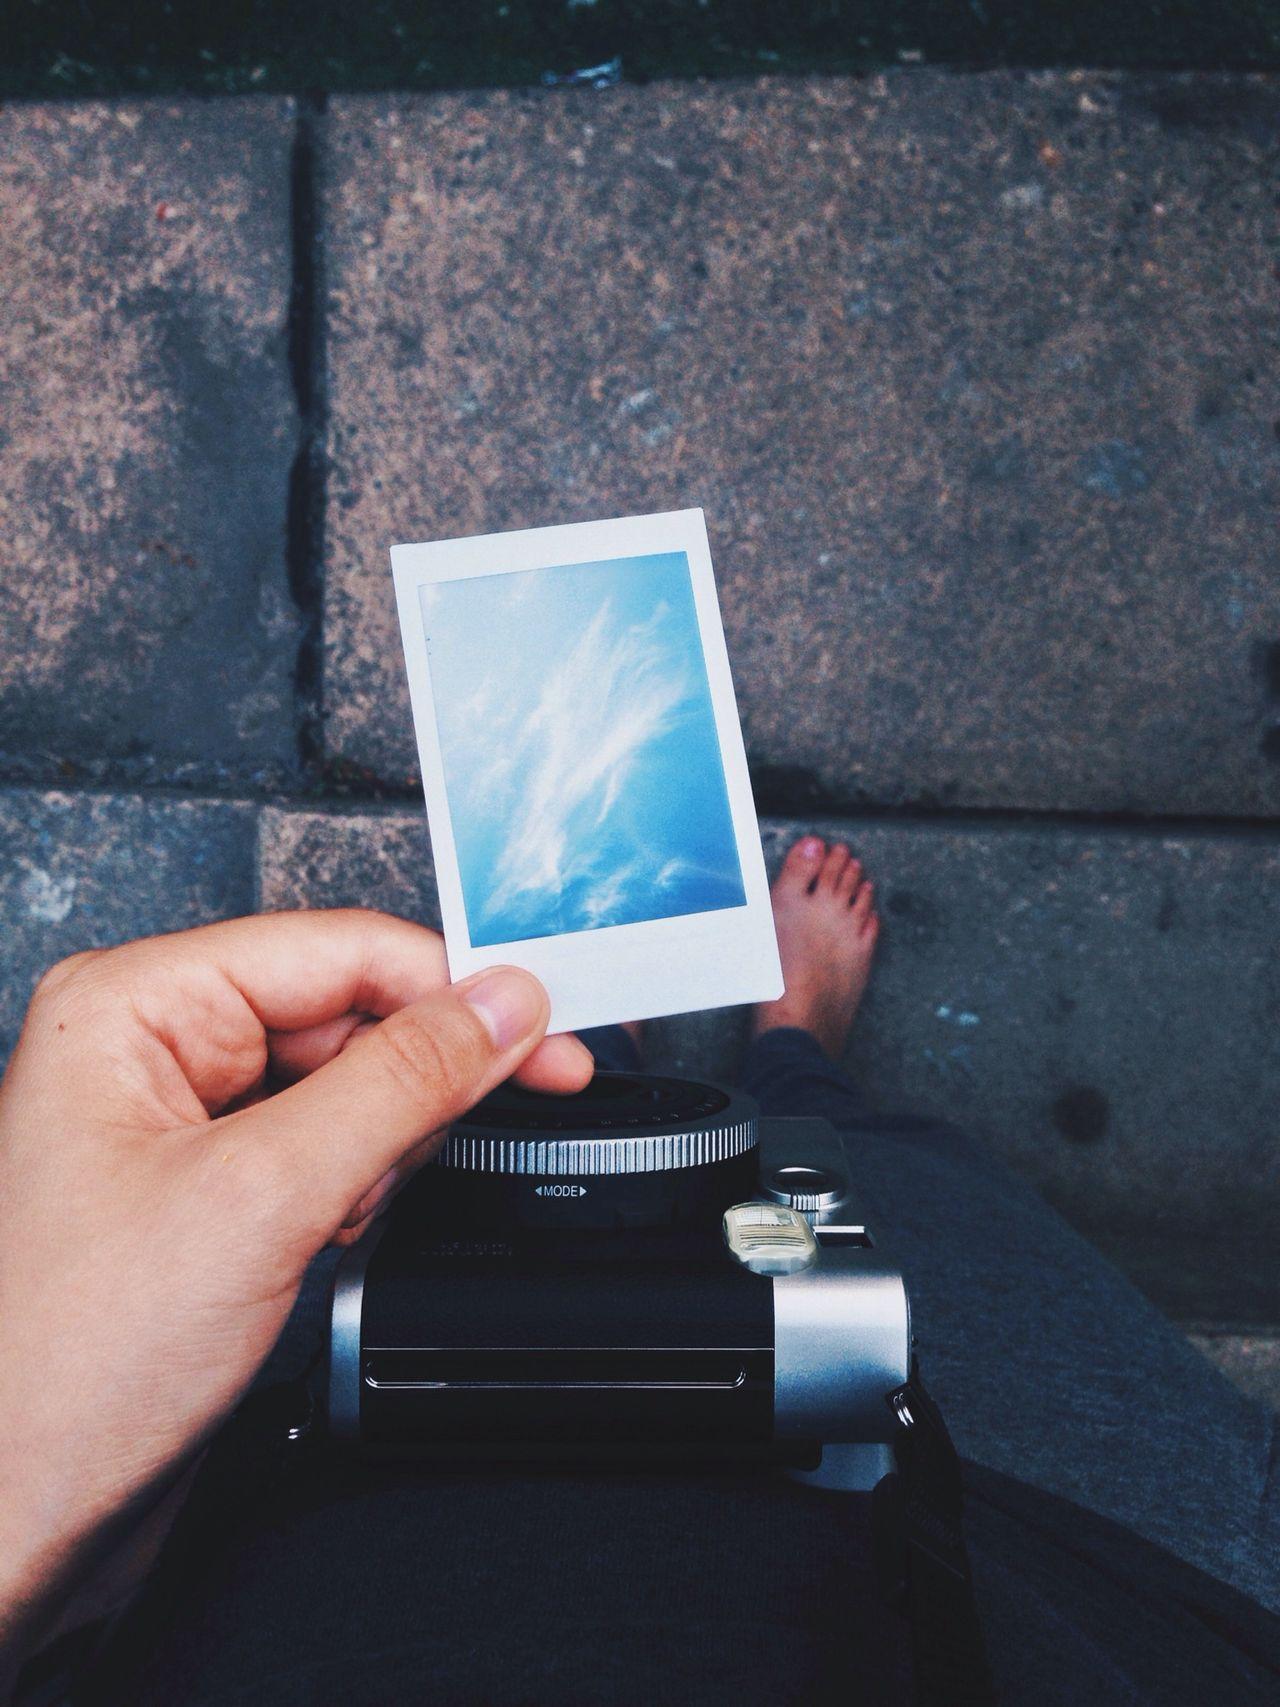 Beautiful stock photos of art, Camera, Cloud, Holding, Human Hand